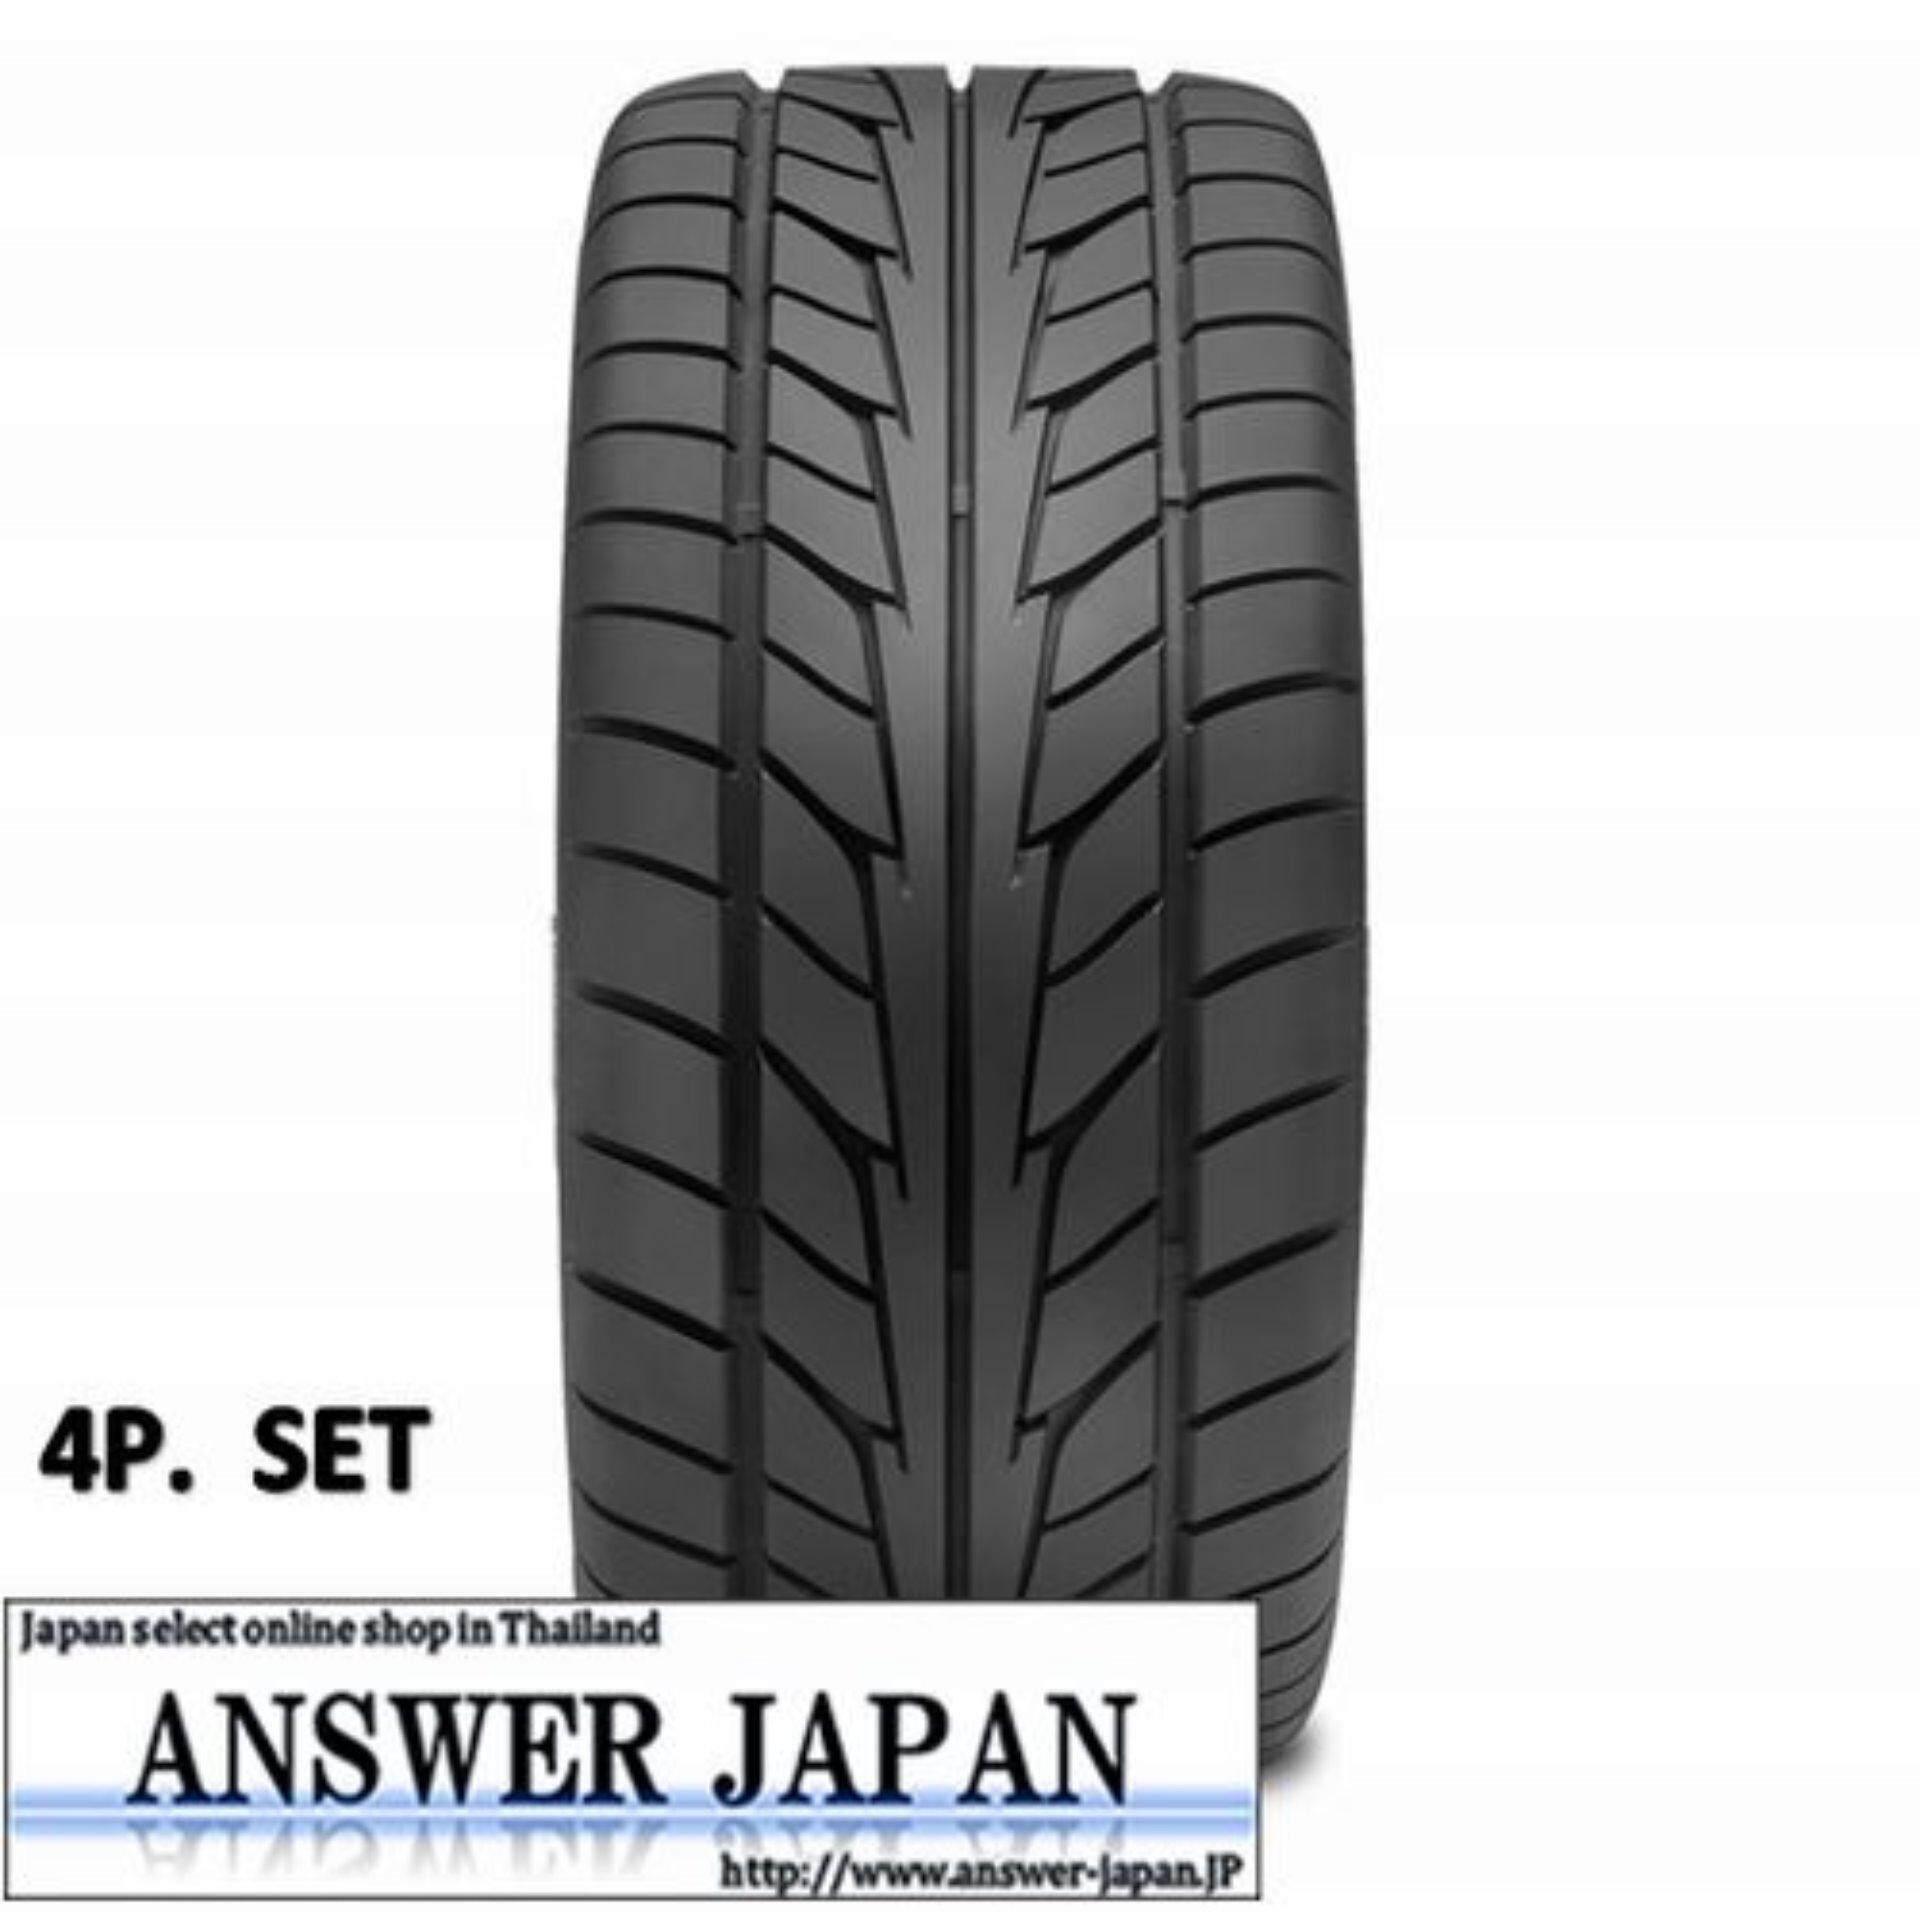 เพชรบุรี ยาง NITTO NT555 245/35 R20 (ANSWER-JAPAN)